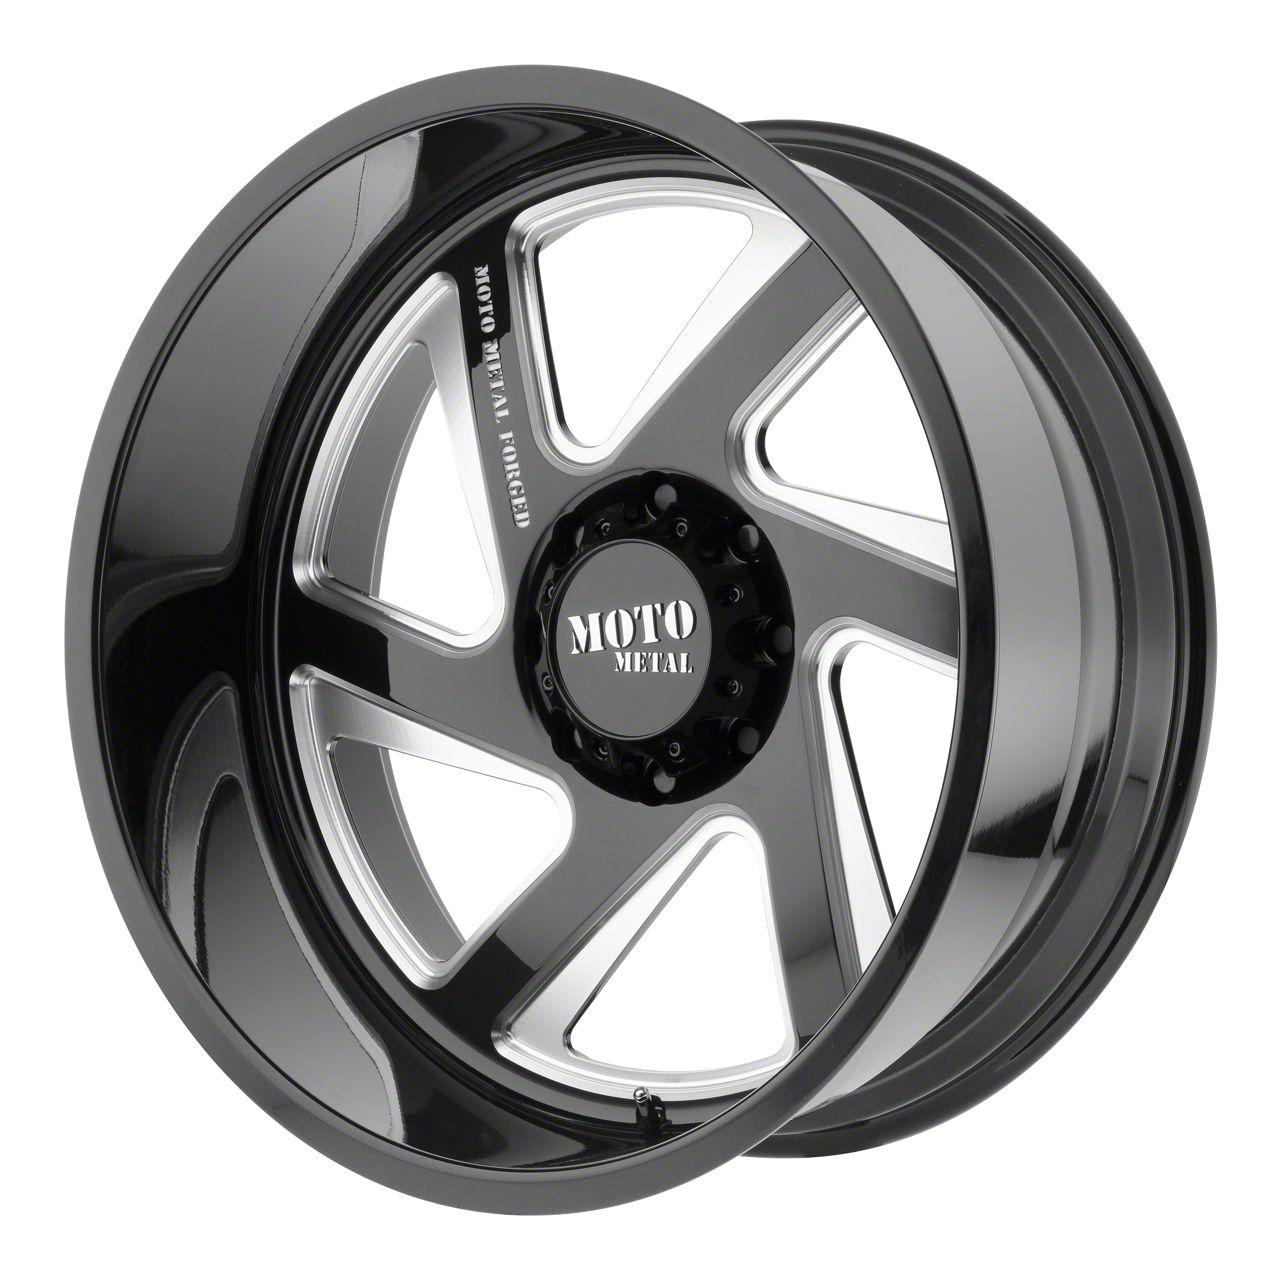 Moto Metal MO400 Gloss Black Milled 6-Lug Wheel - Passenger Side - 22x14 (99-19 Silverado 1500)